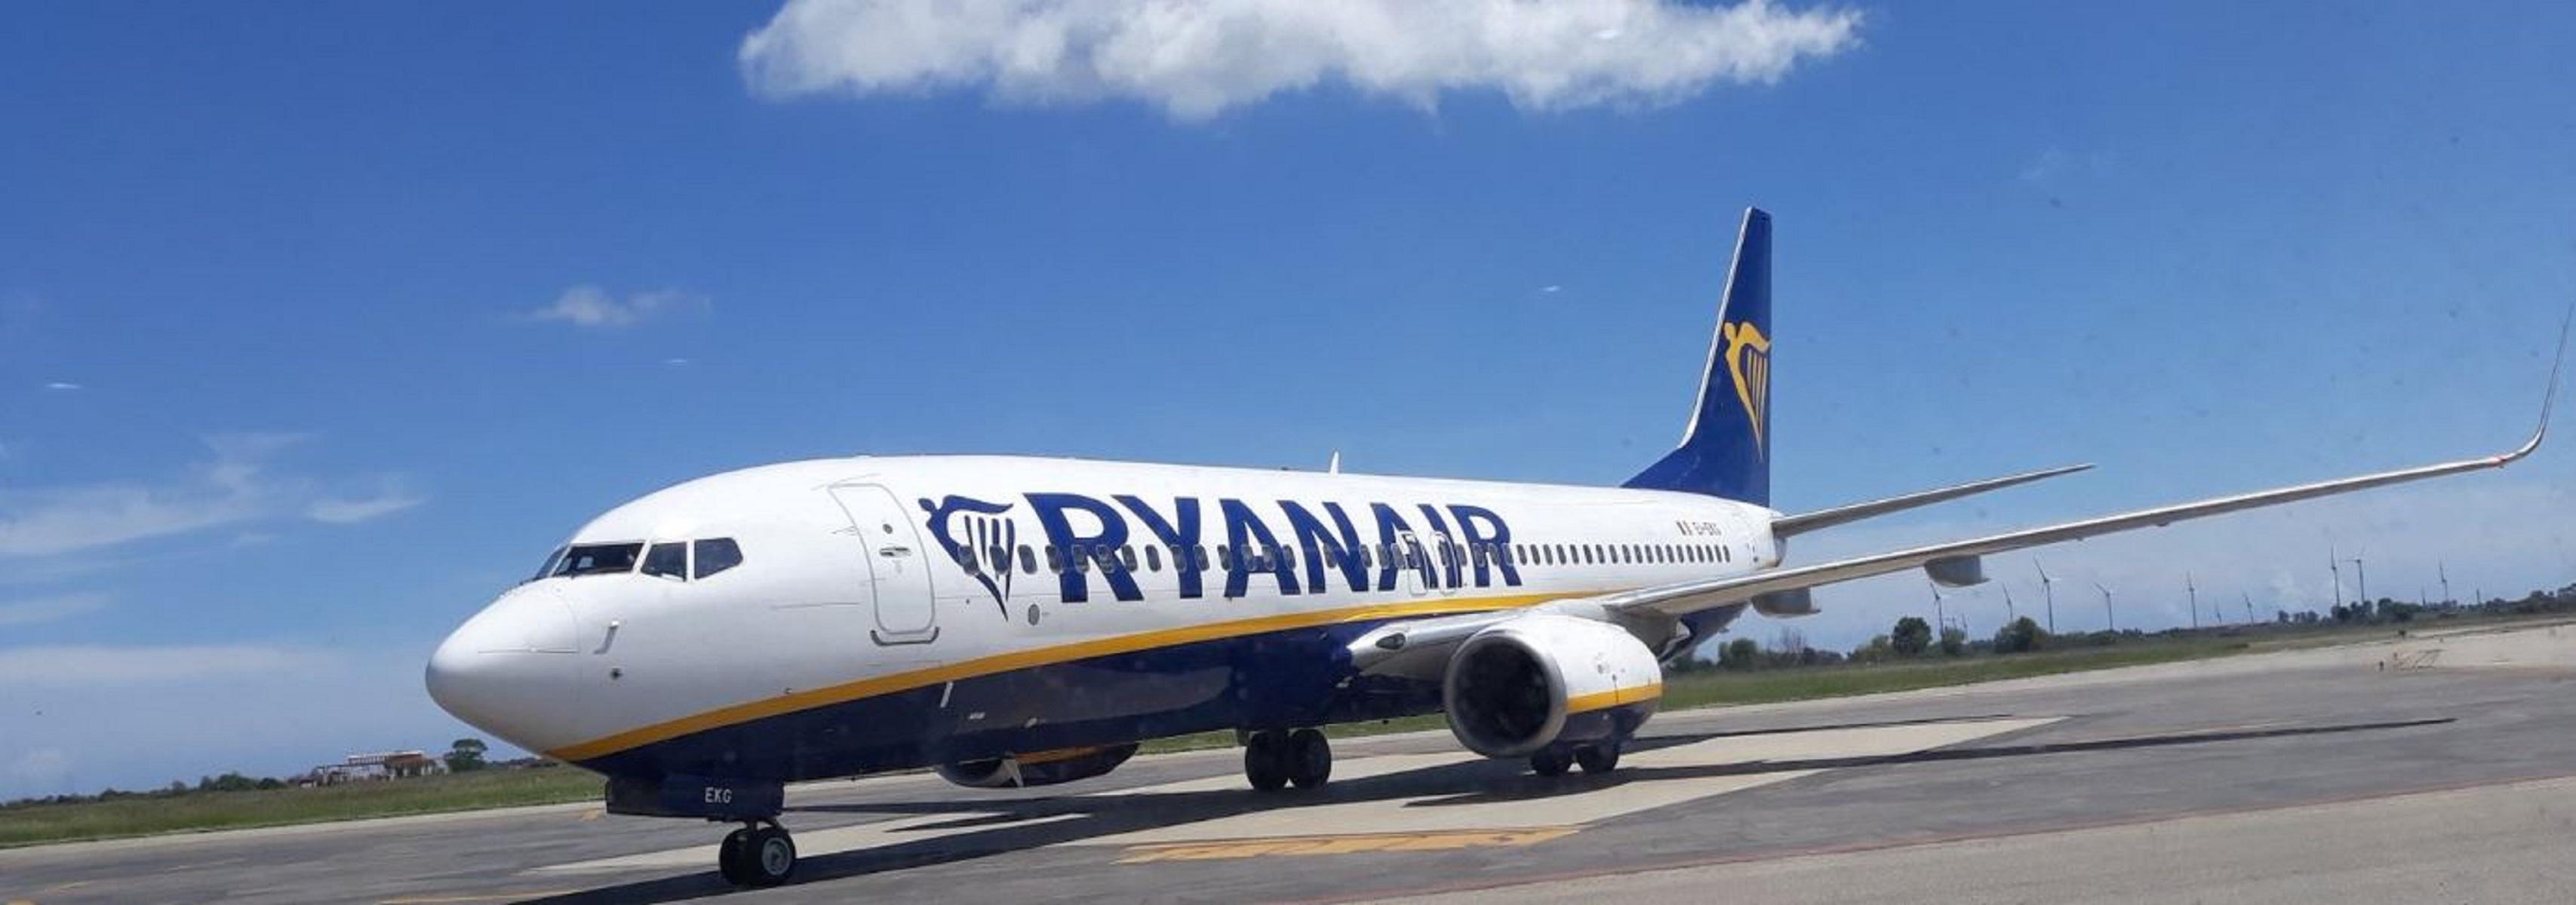 Ryanair propone voli più sicuri: la soluzione